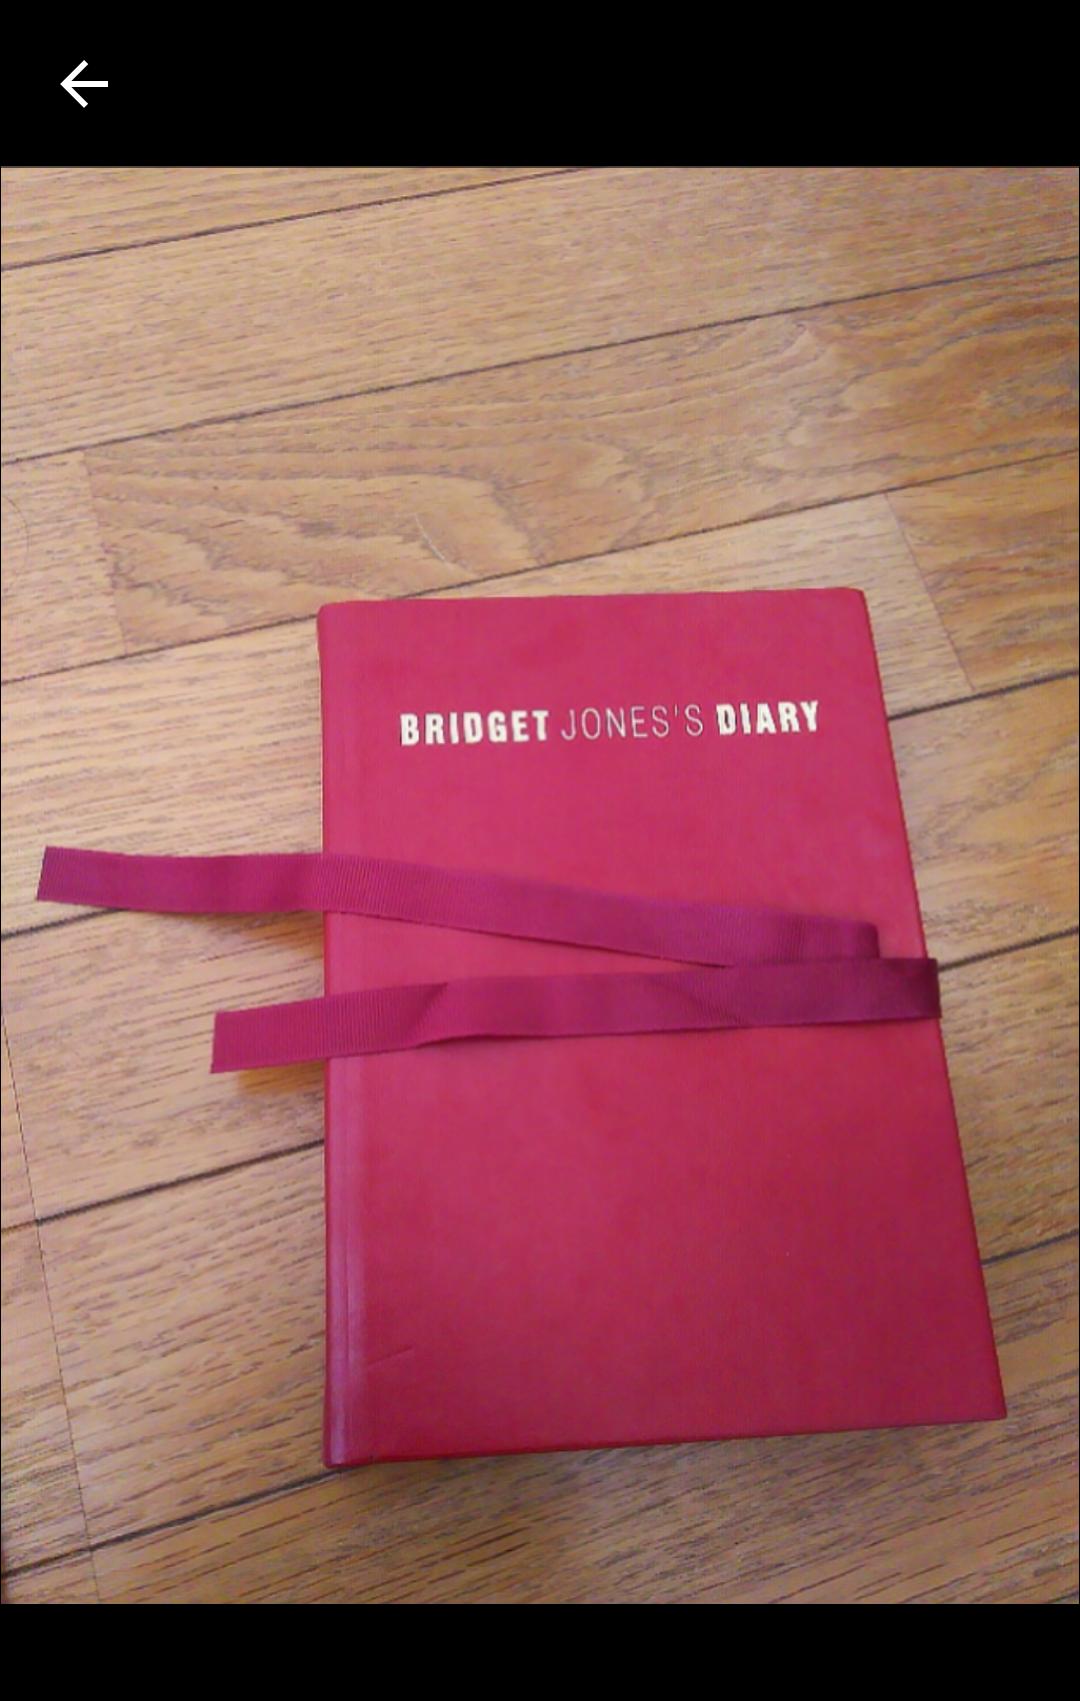 「ブリジット・ジョーンズの日記」好きな方